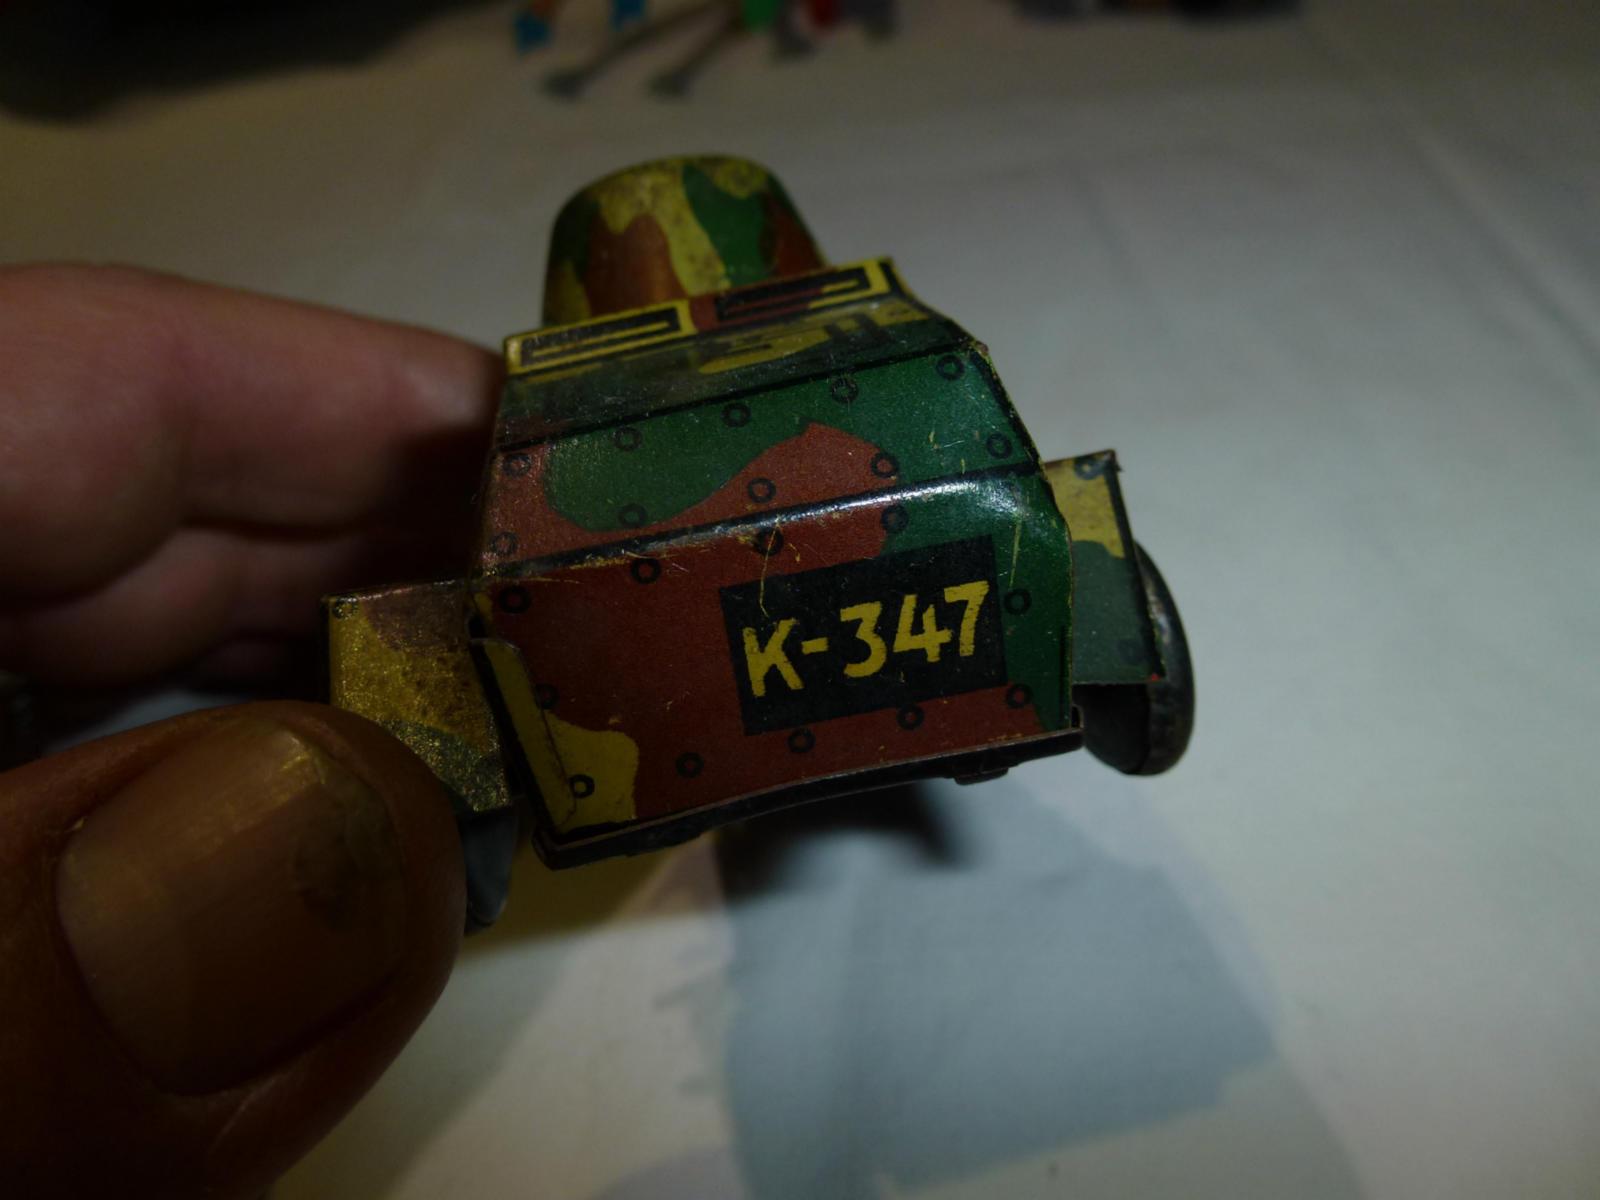 Mettre la la la réduction jusqu'au bout Automitrailleuse K-347 DRGM Foreign 1da970